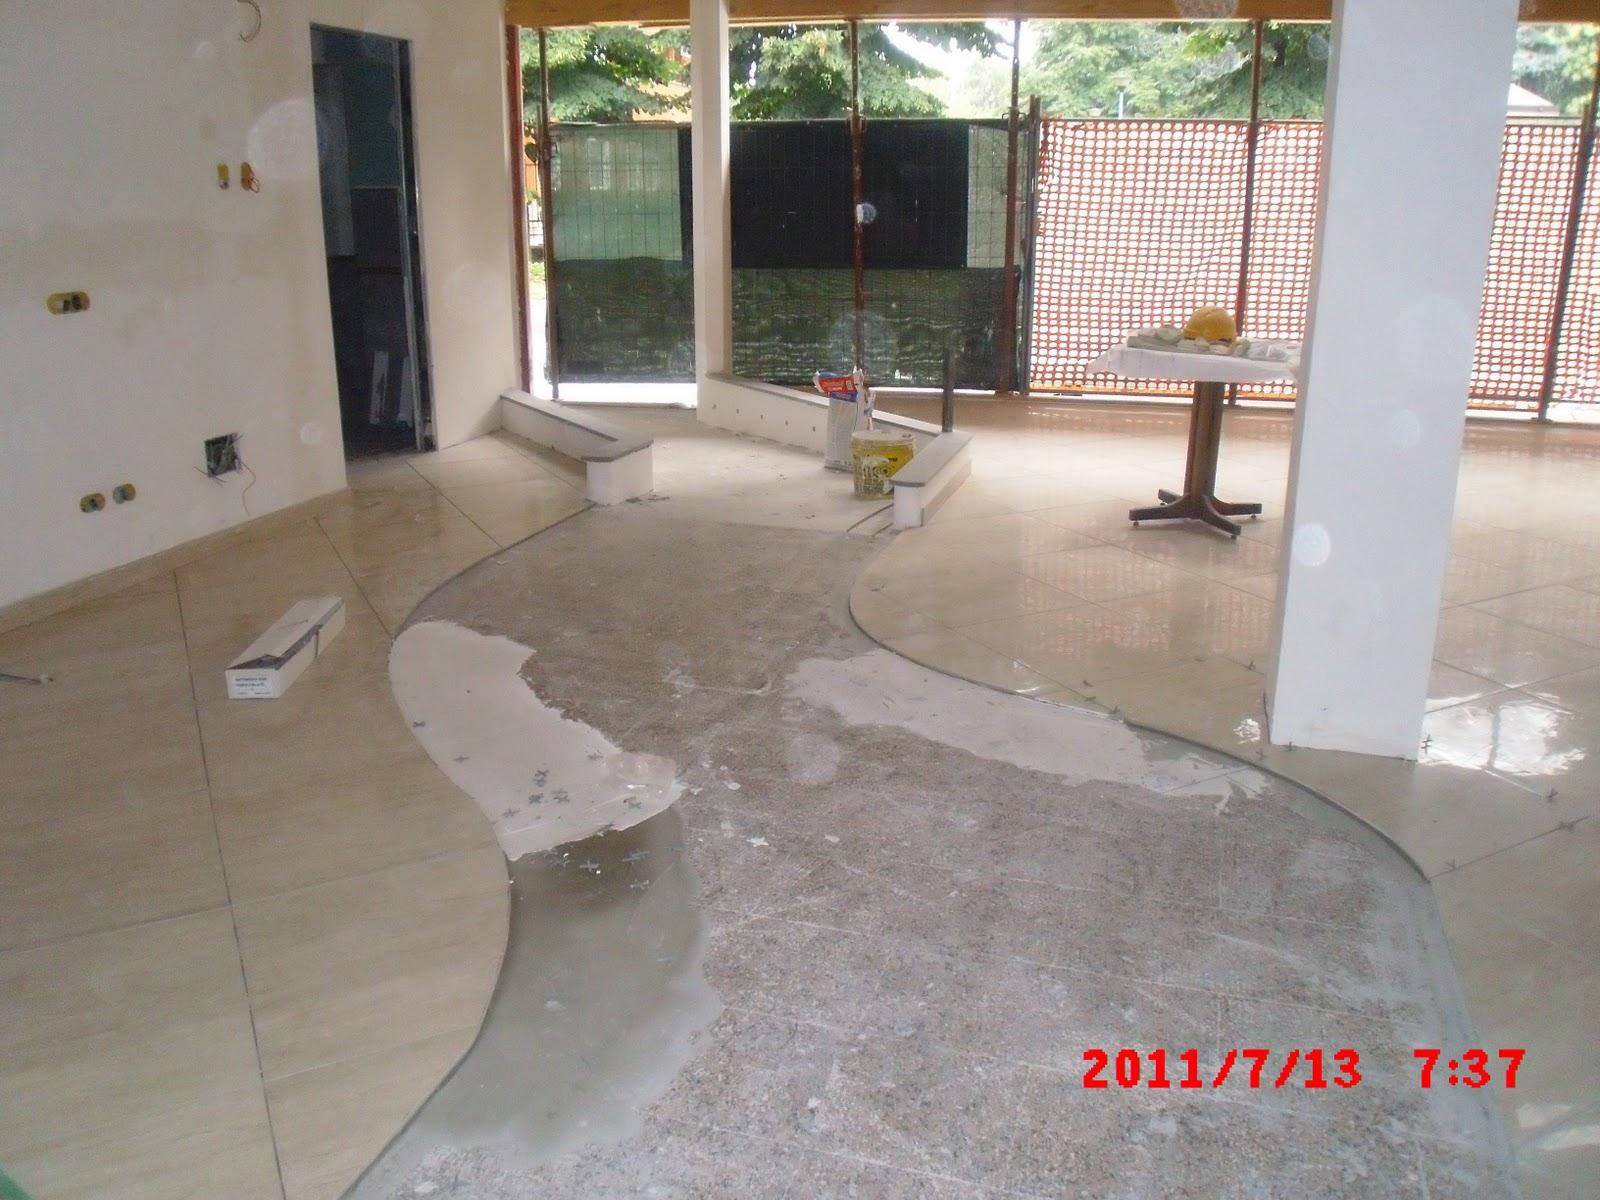 Nuovi pavimenti e rivestimenti in gres porcellanato in ristorante tl costruzioni srl - Nuovi pavimenti per interni ...